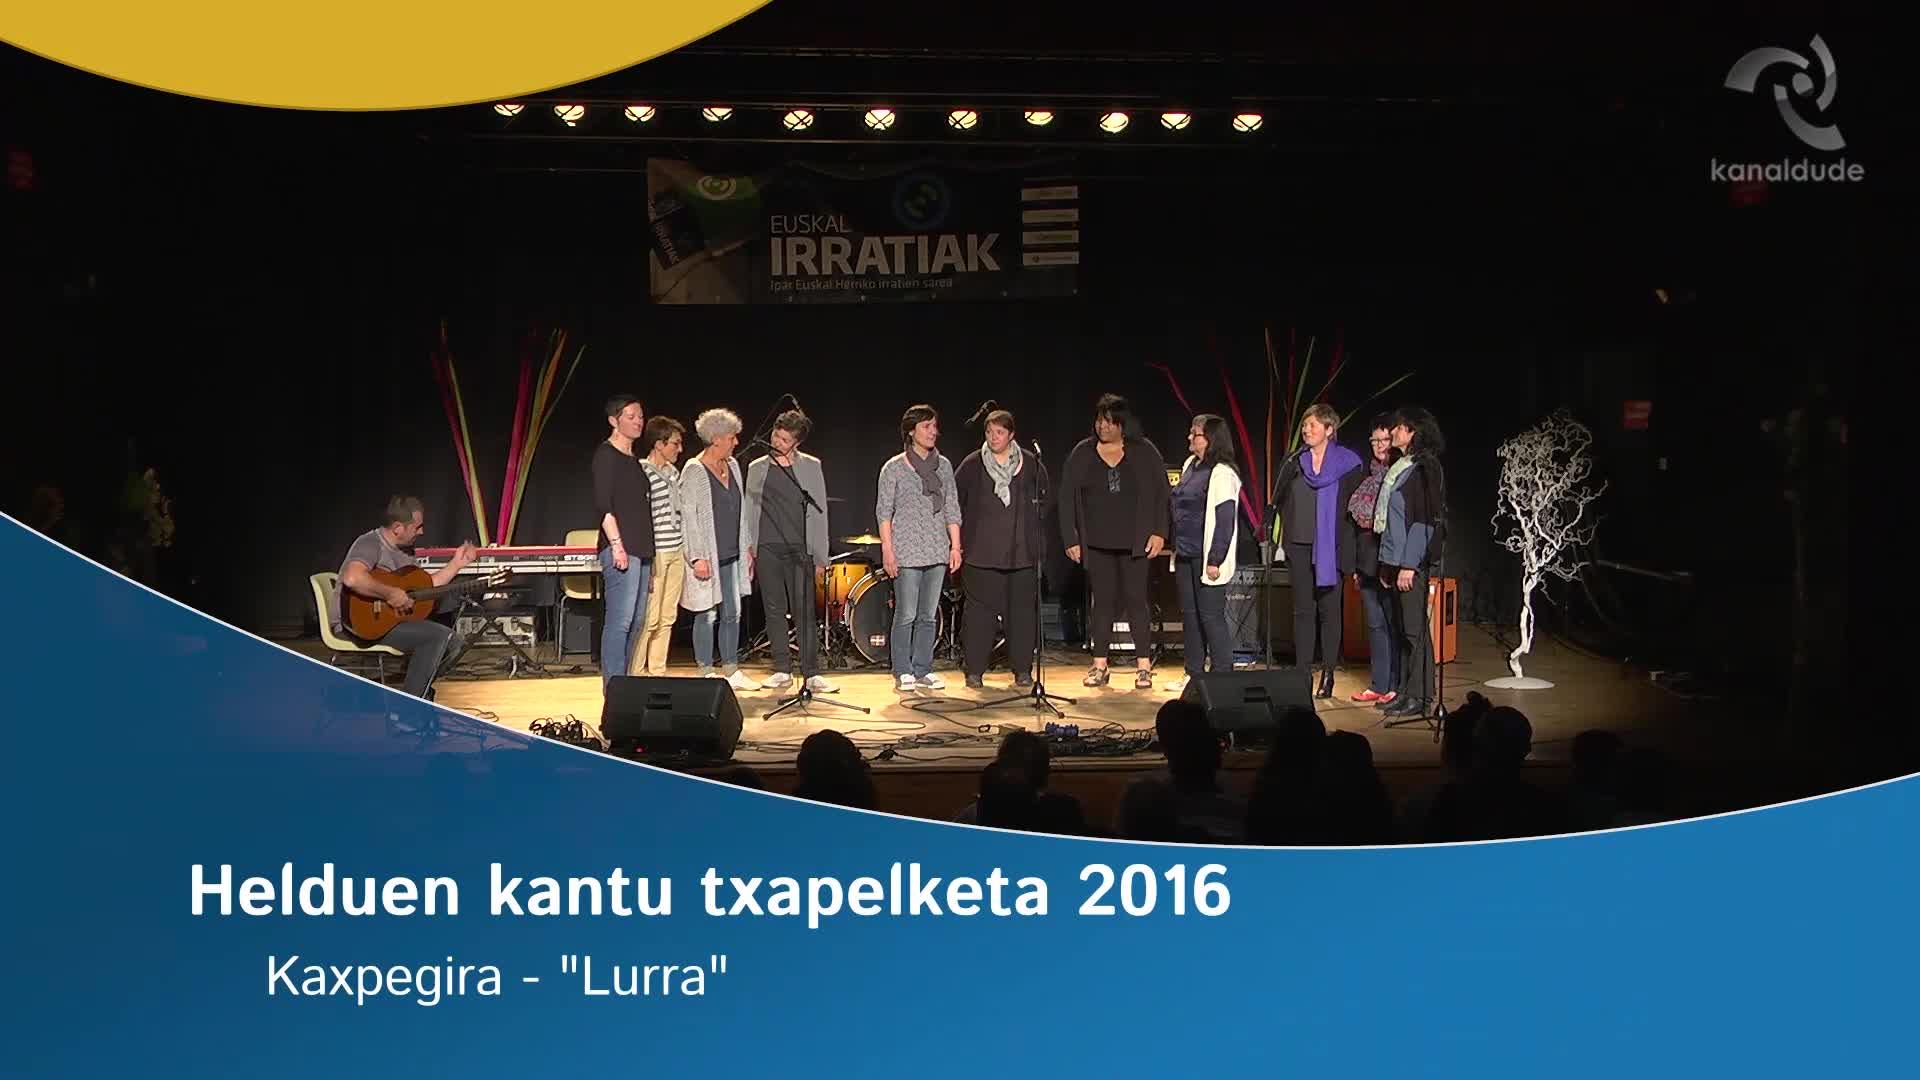 """Helduen Kantu Txapelketa 2016: Kaxpegira """"Lurra"""""""